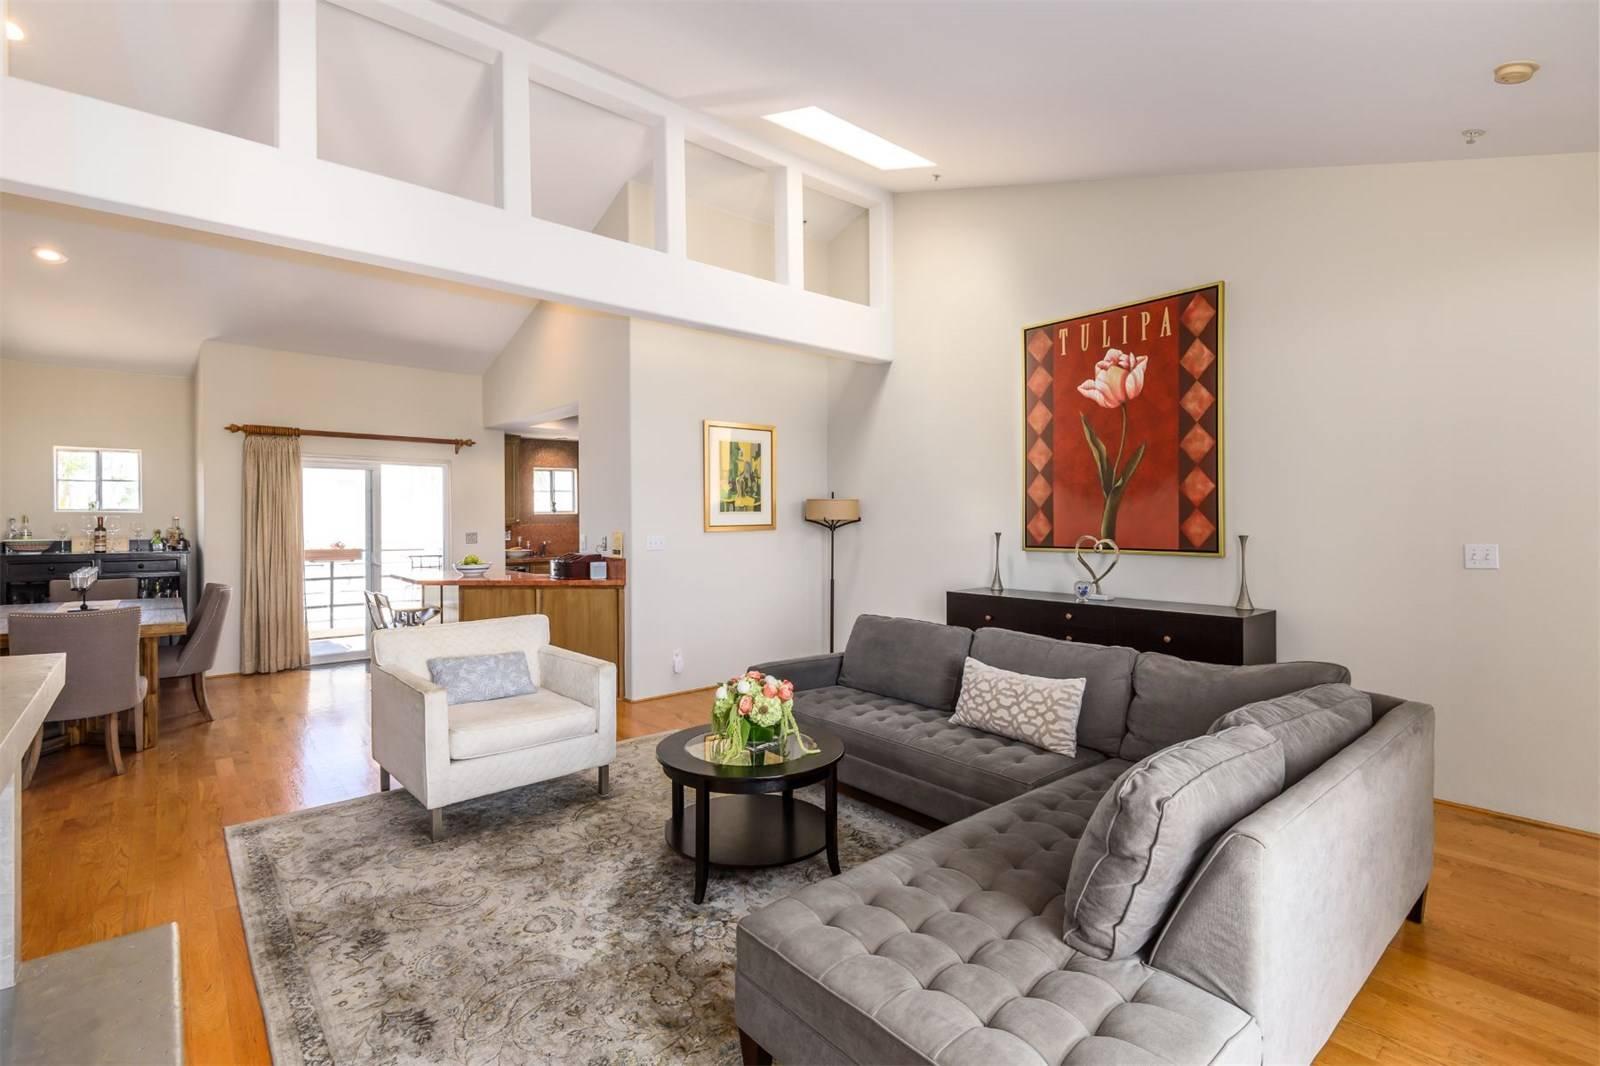 540 1st Street - Living room 5.jpeg